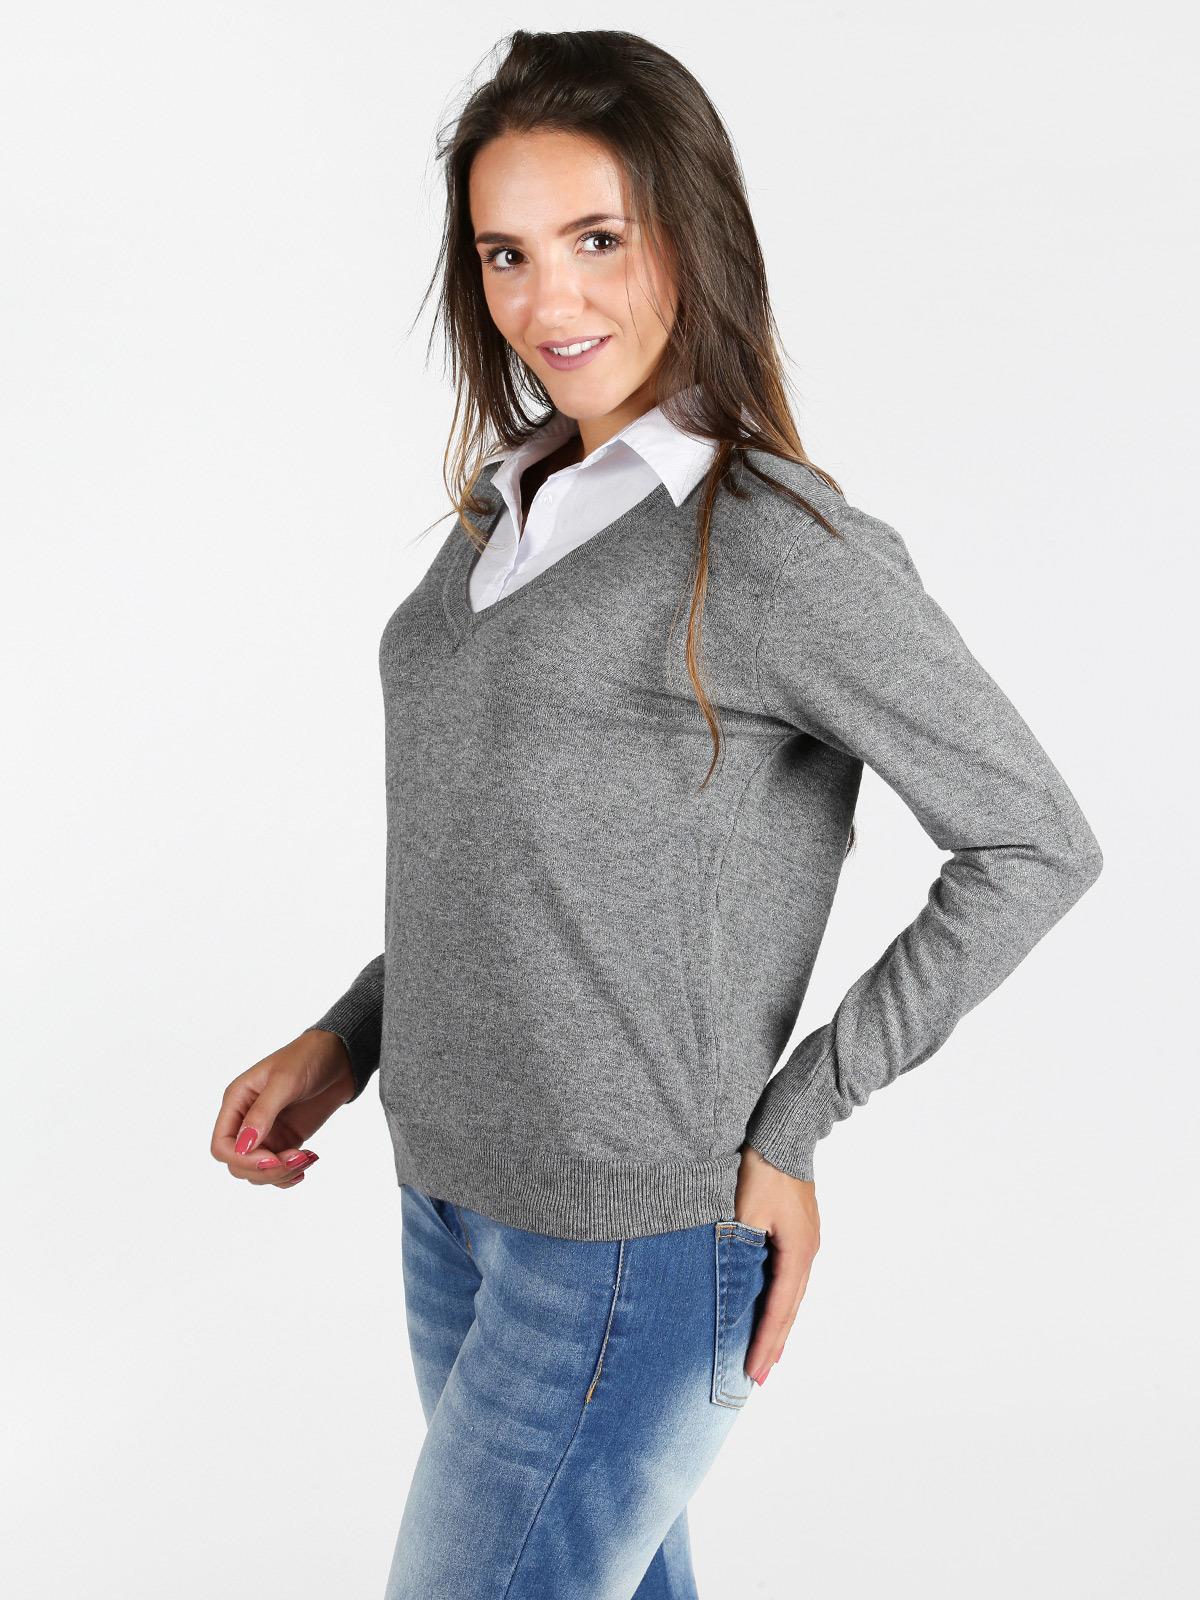 codice promozionale 108a2 b754d Pullover con colletto a camicia solada | MecShopping